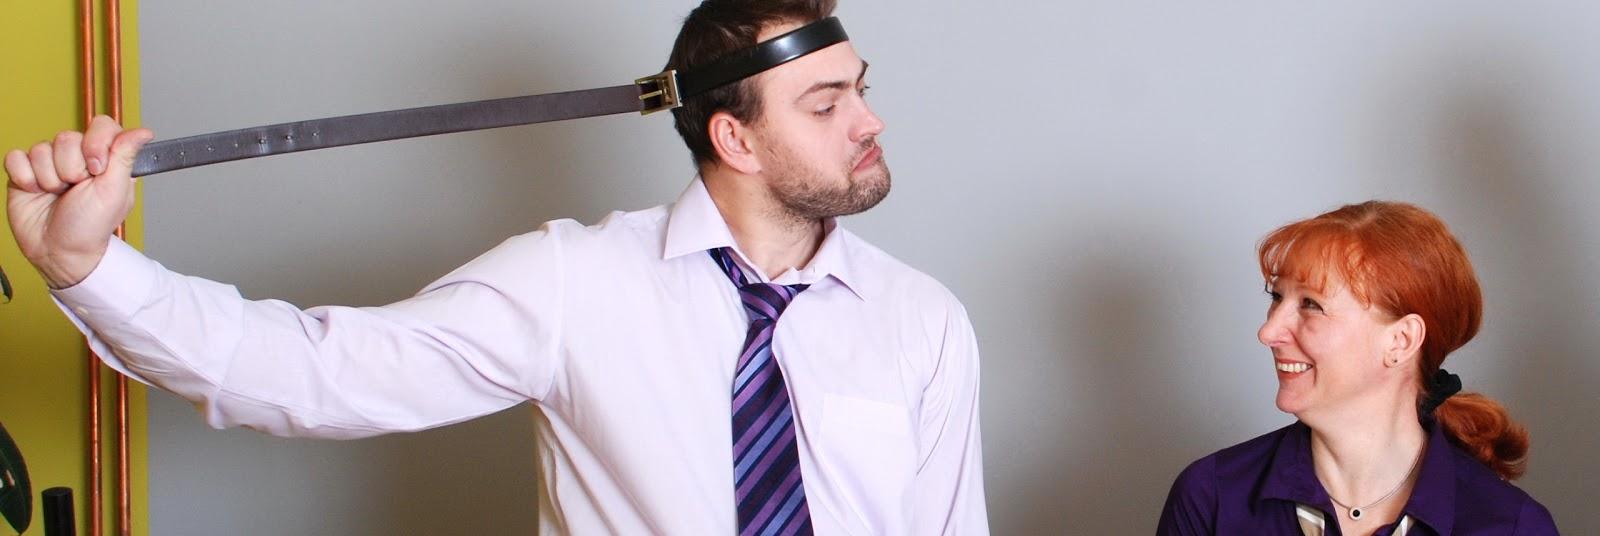 Pavel Kučera se sám tahá za pásek, který má obepnutý kolem hlavy a Radka Maňáková se mu směje